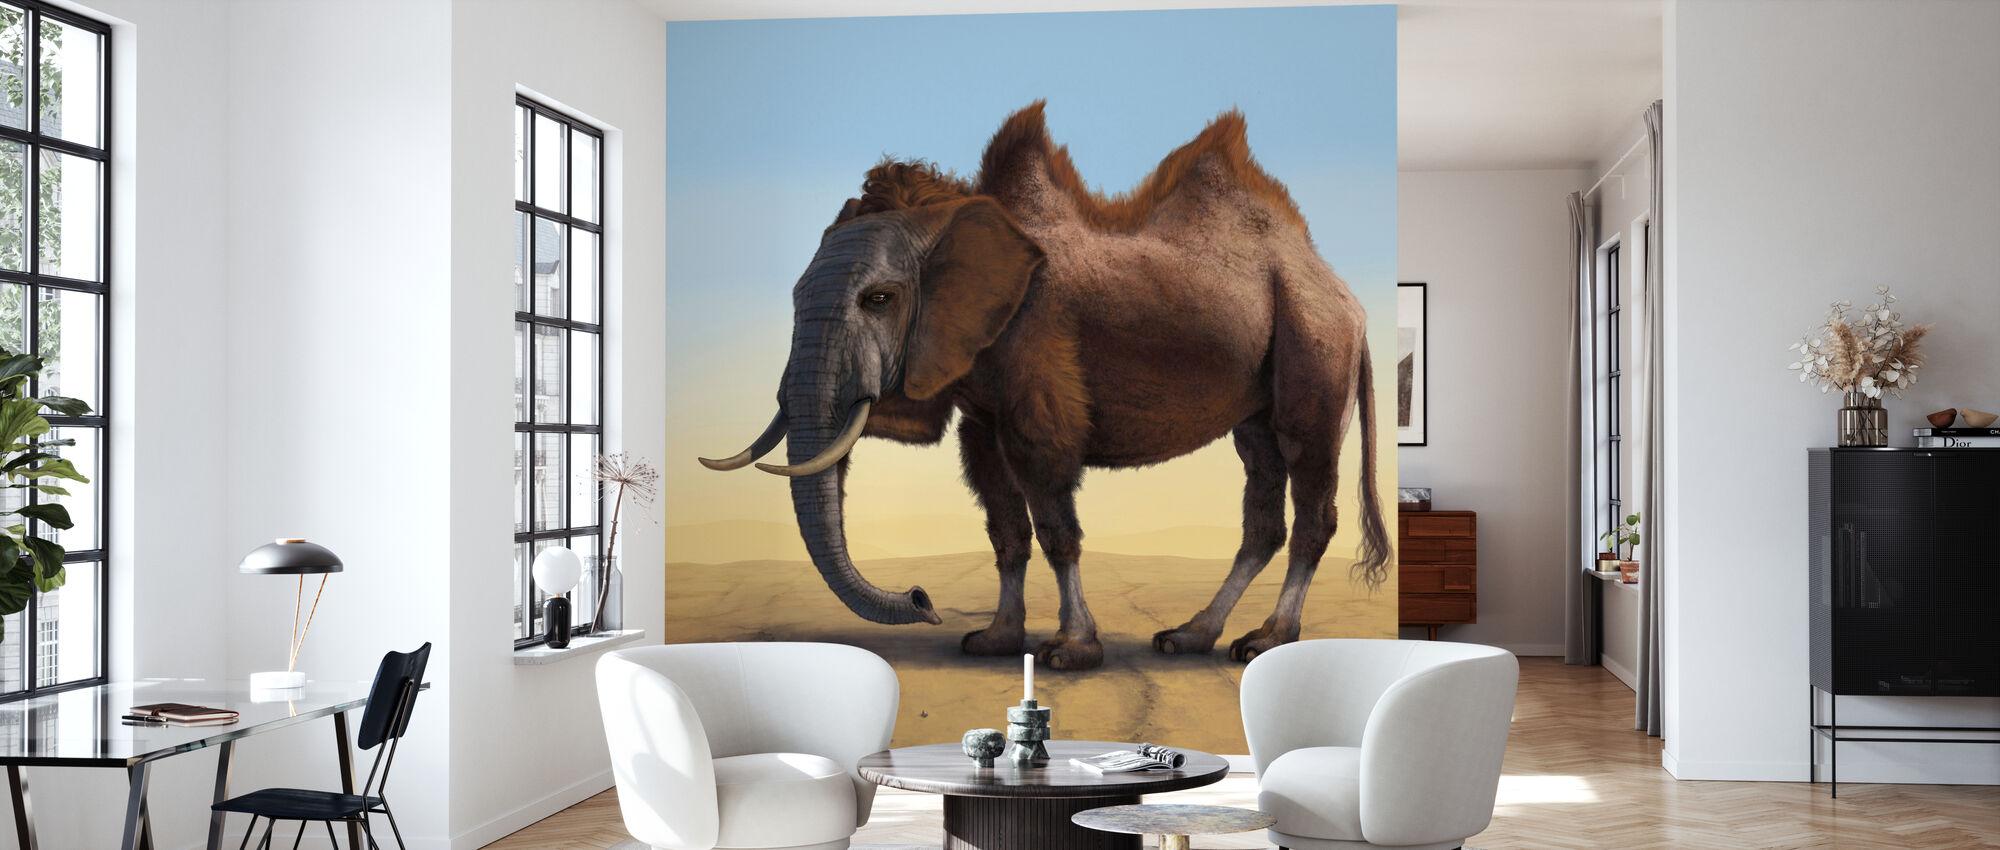 Kamelefant - Tapet - Vardagsrum